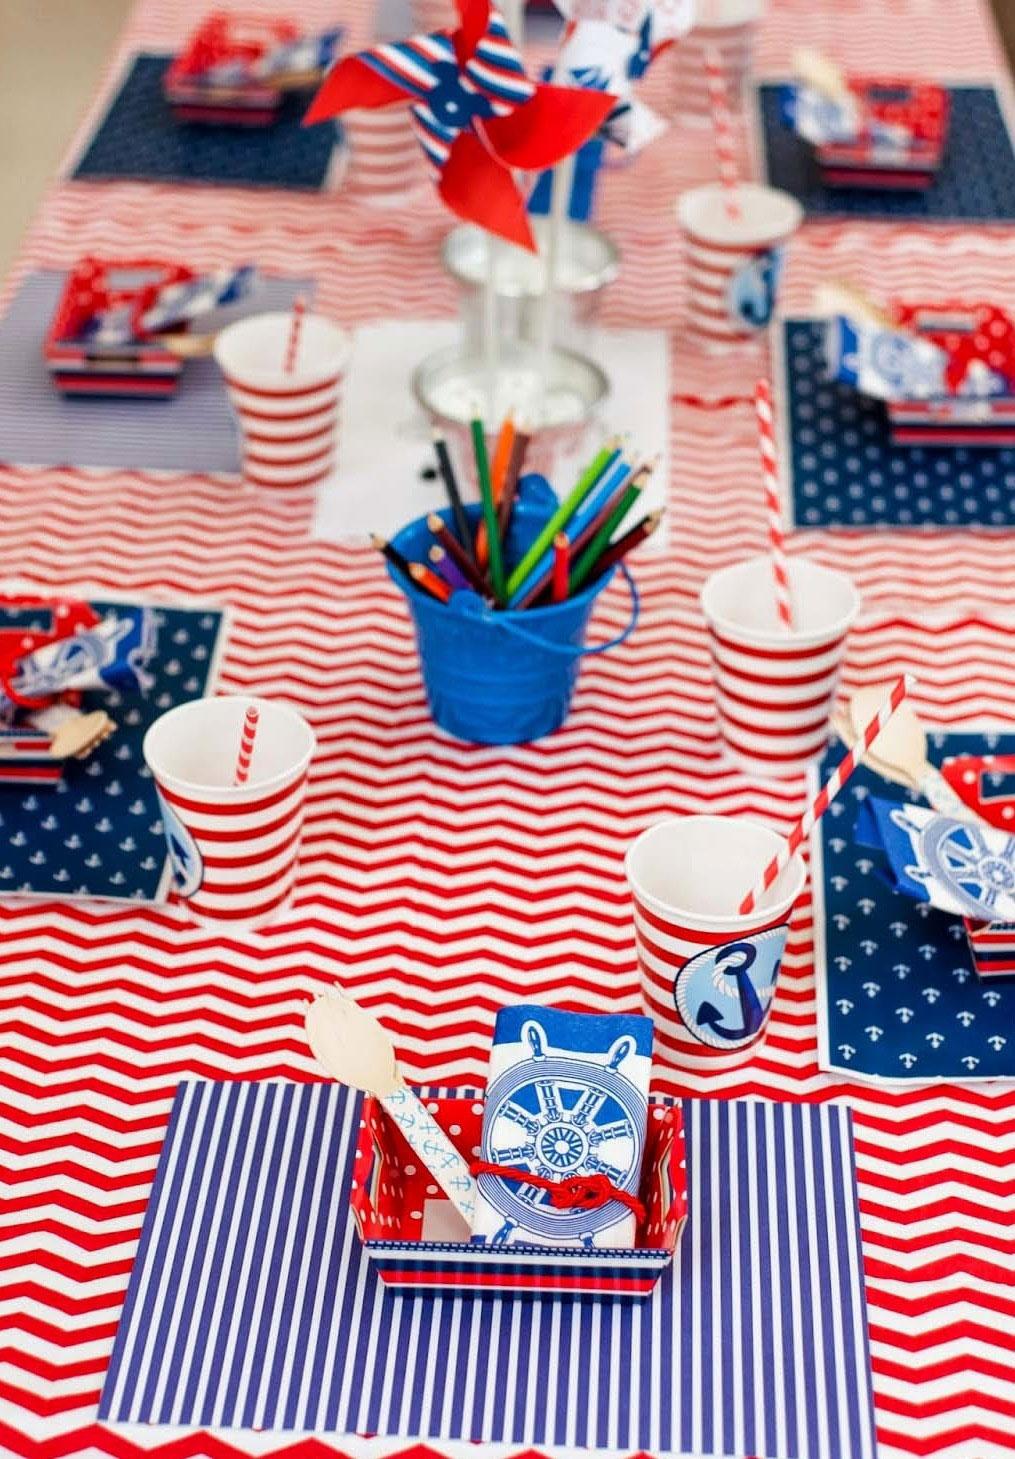 Festa marinheiro 65 ideias de decorao do tema nutica bolo de marinheiro altavistaventures Image collections